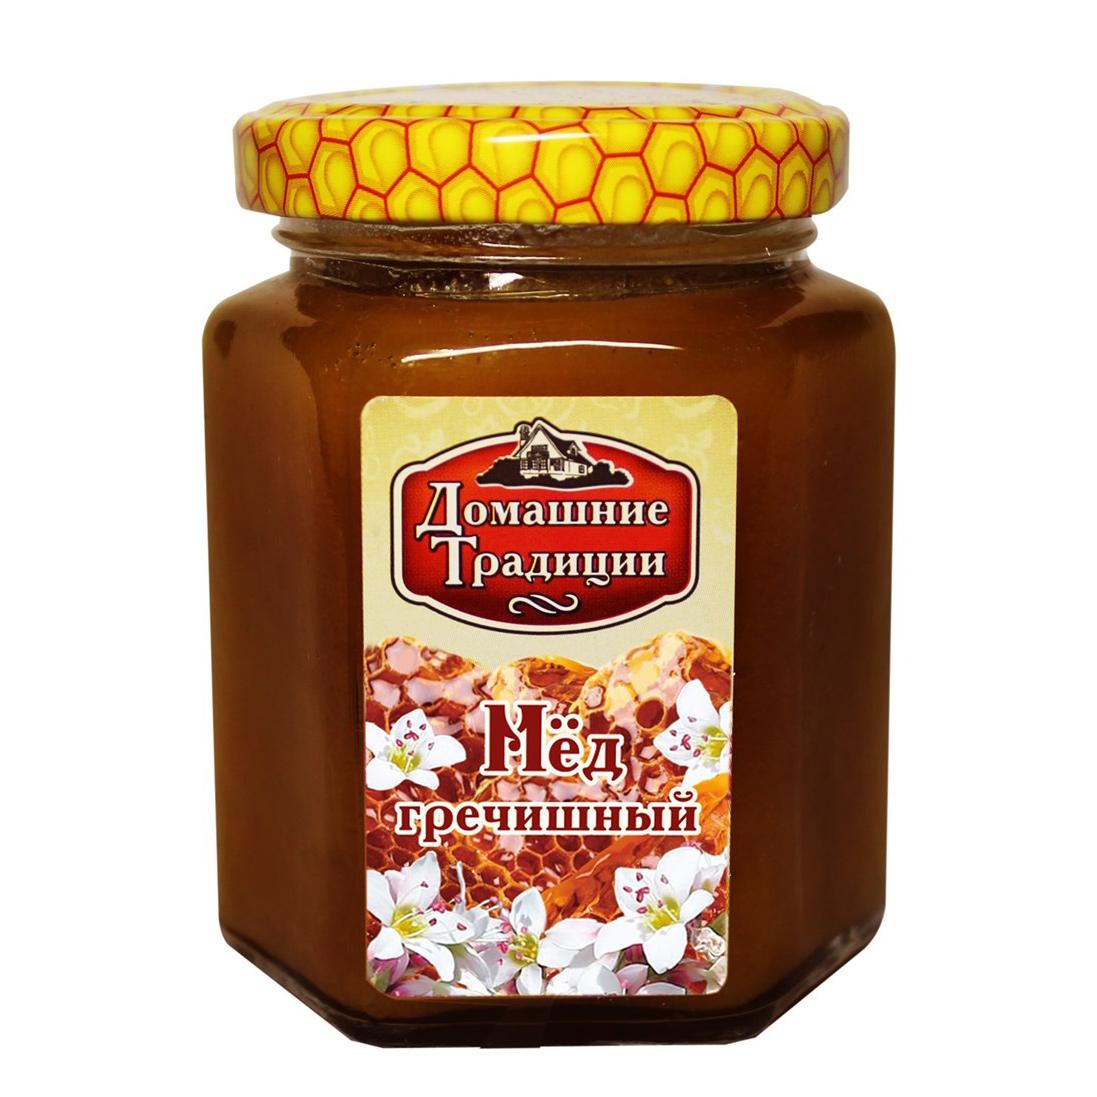 Мед гречишный Домашние Традиции ГОСТ 250 г луговица мед натуральный гречишный 250 г